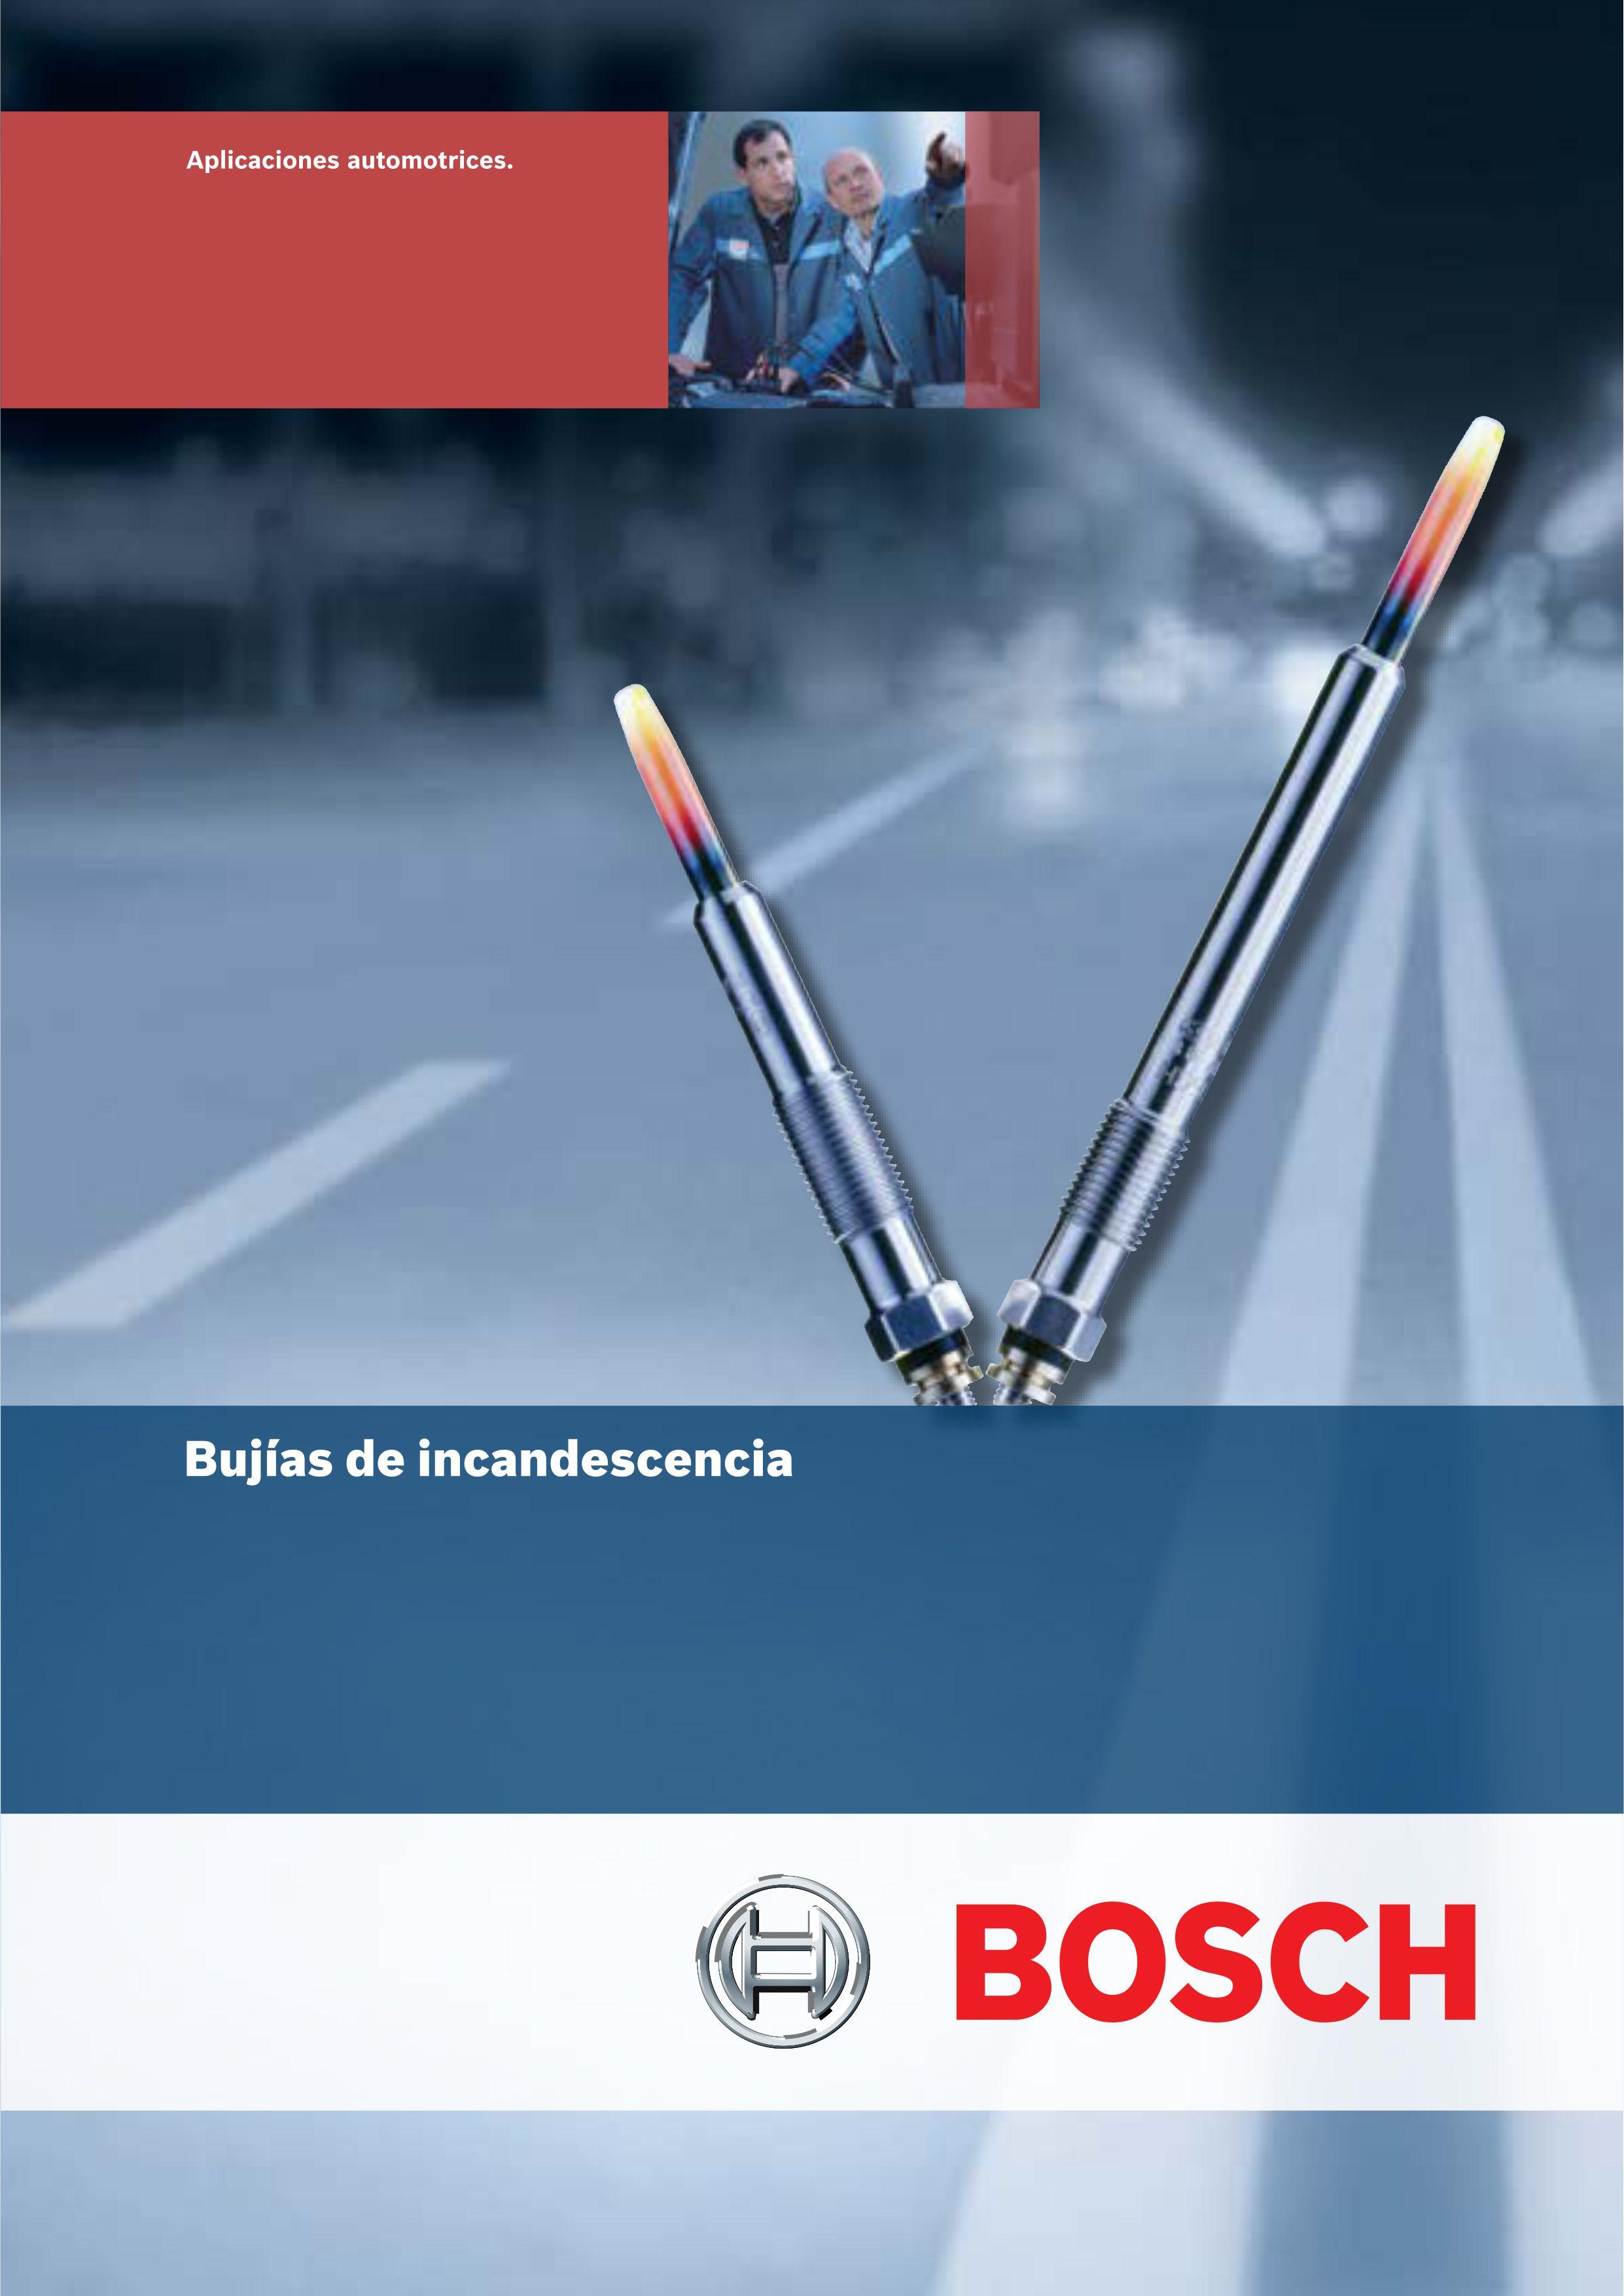 bosch-bujias-de-incandescencia